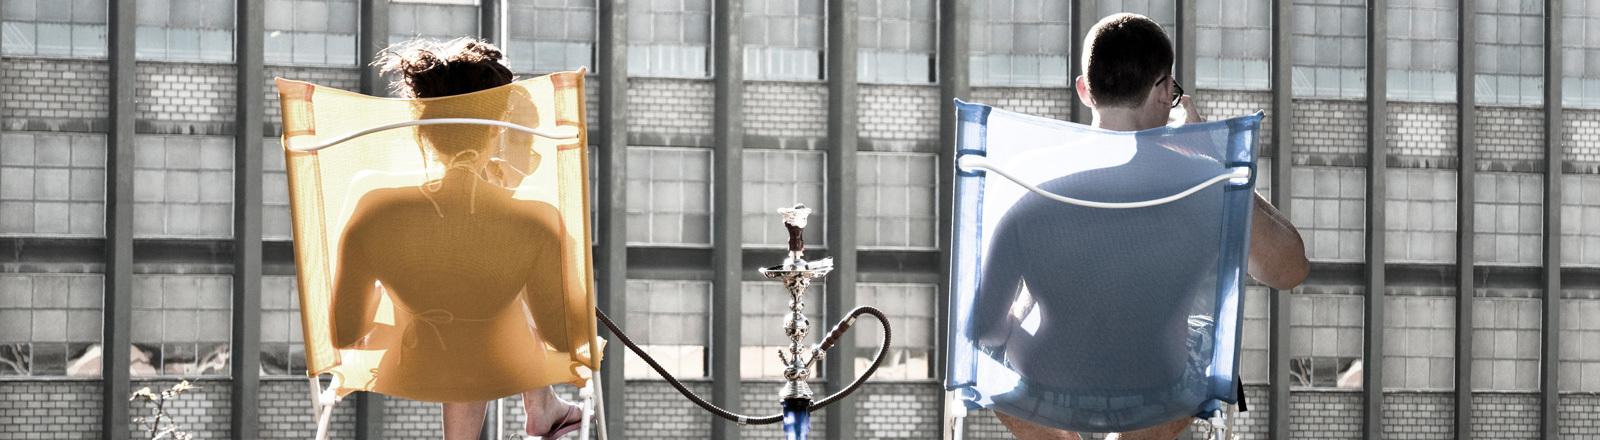 Paar sitzt auf Terrasse und raucht Wasserpfeife.